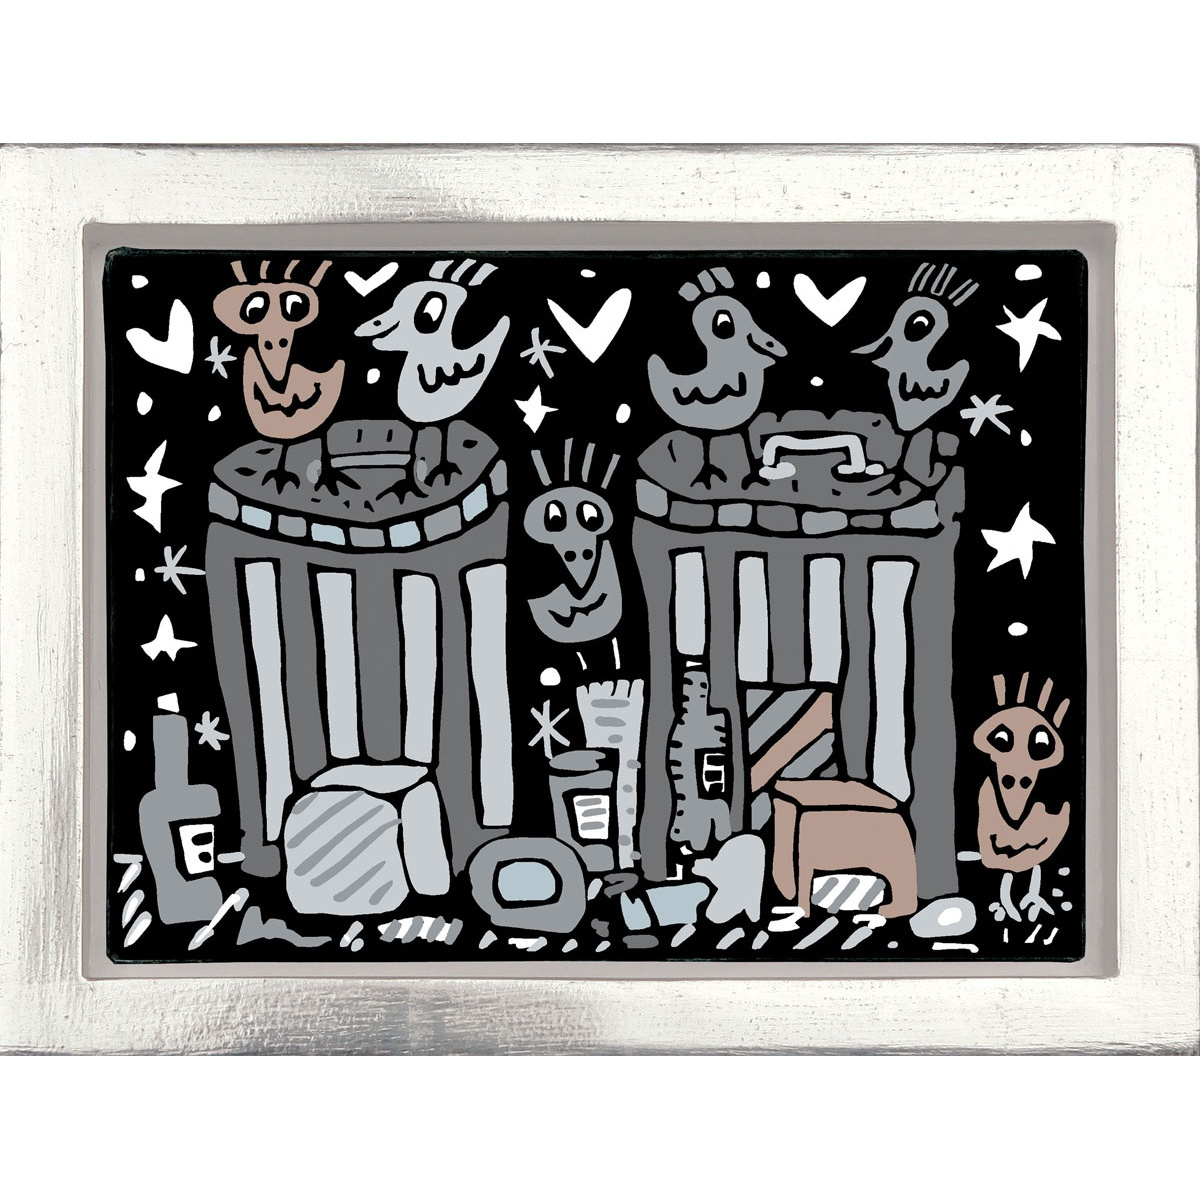 Garbage night von James Rizzi mit Rahmung